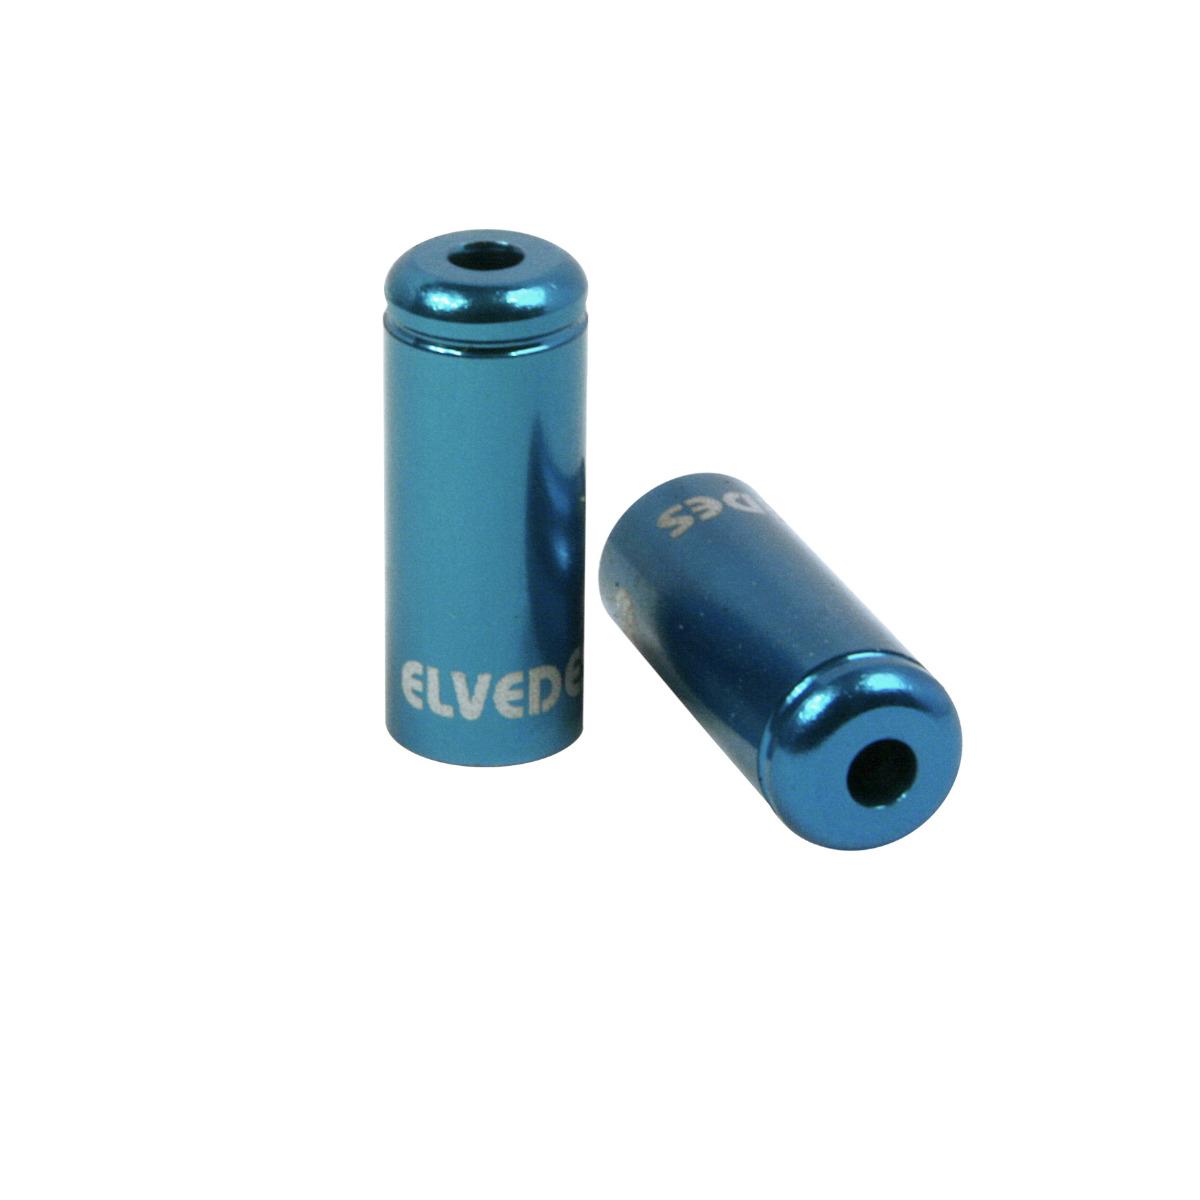 Bremse kabelende Elvedes ø5 mm alu forseglet | bremseklo og kaliber